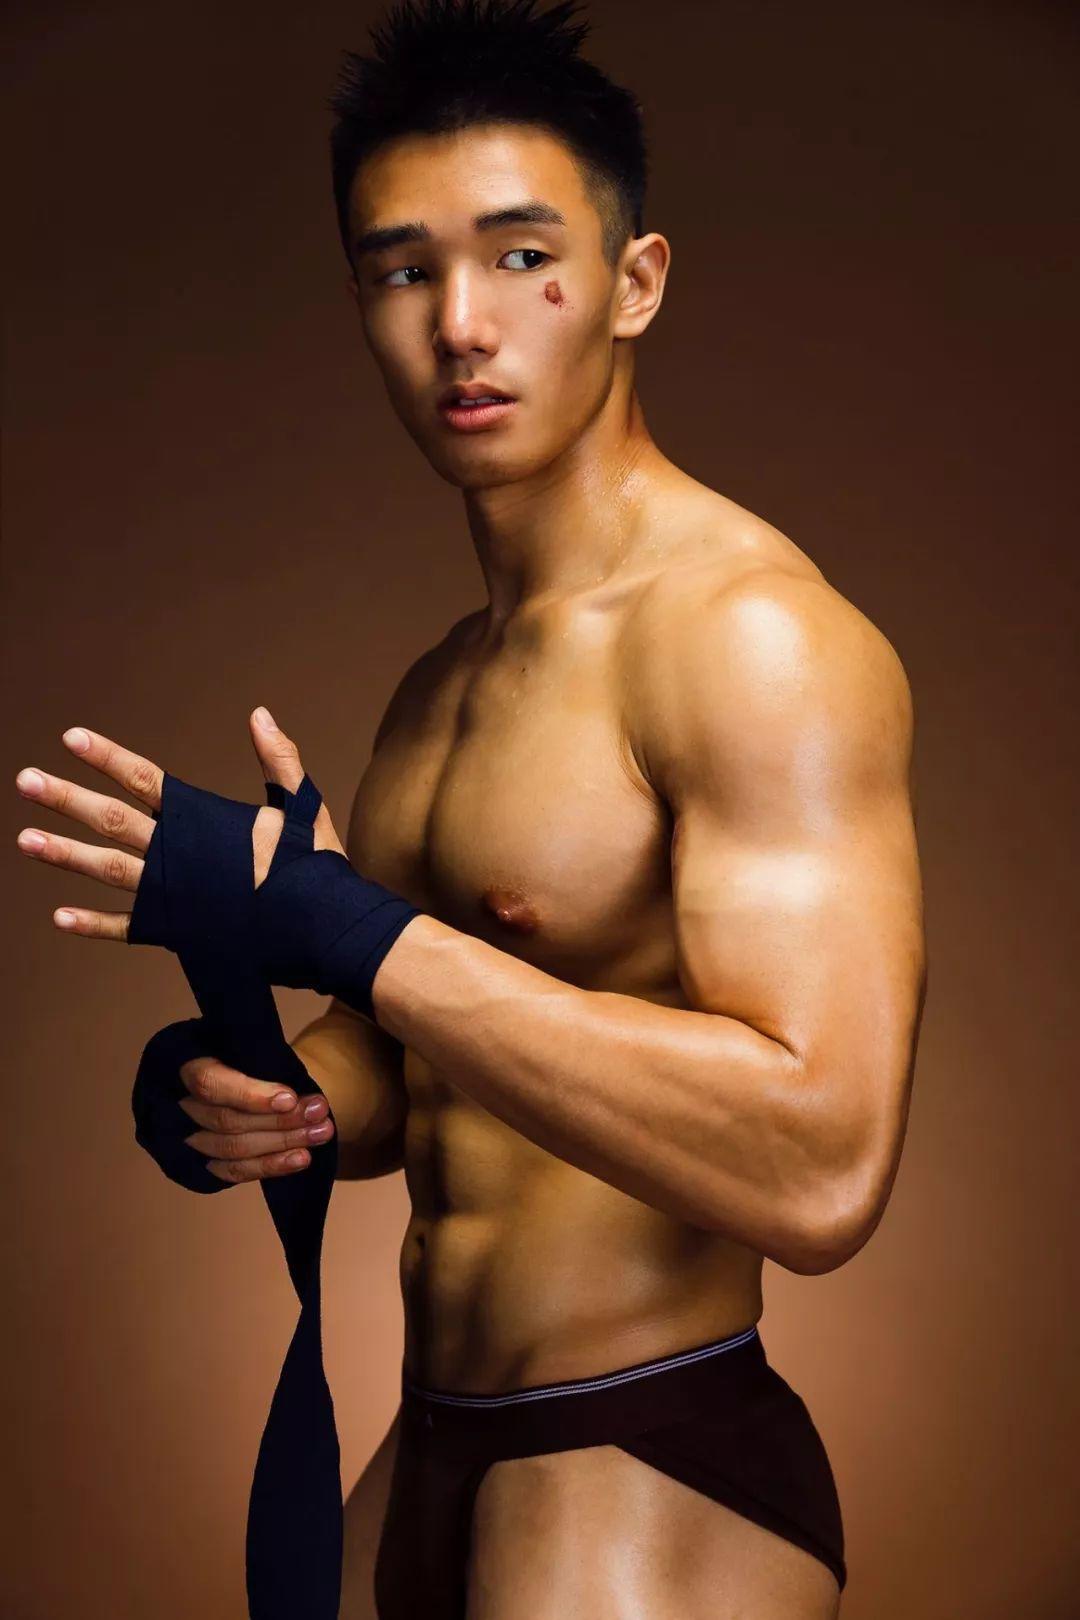 拳击男孩的写真初体验。